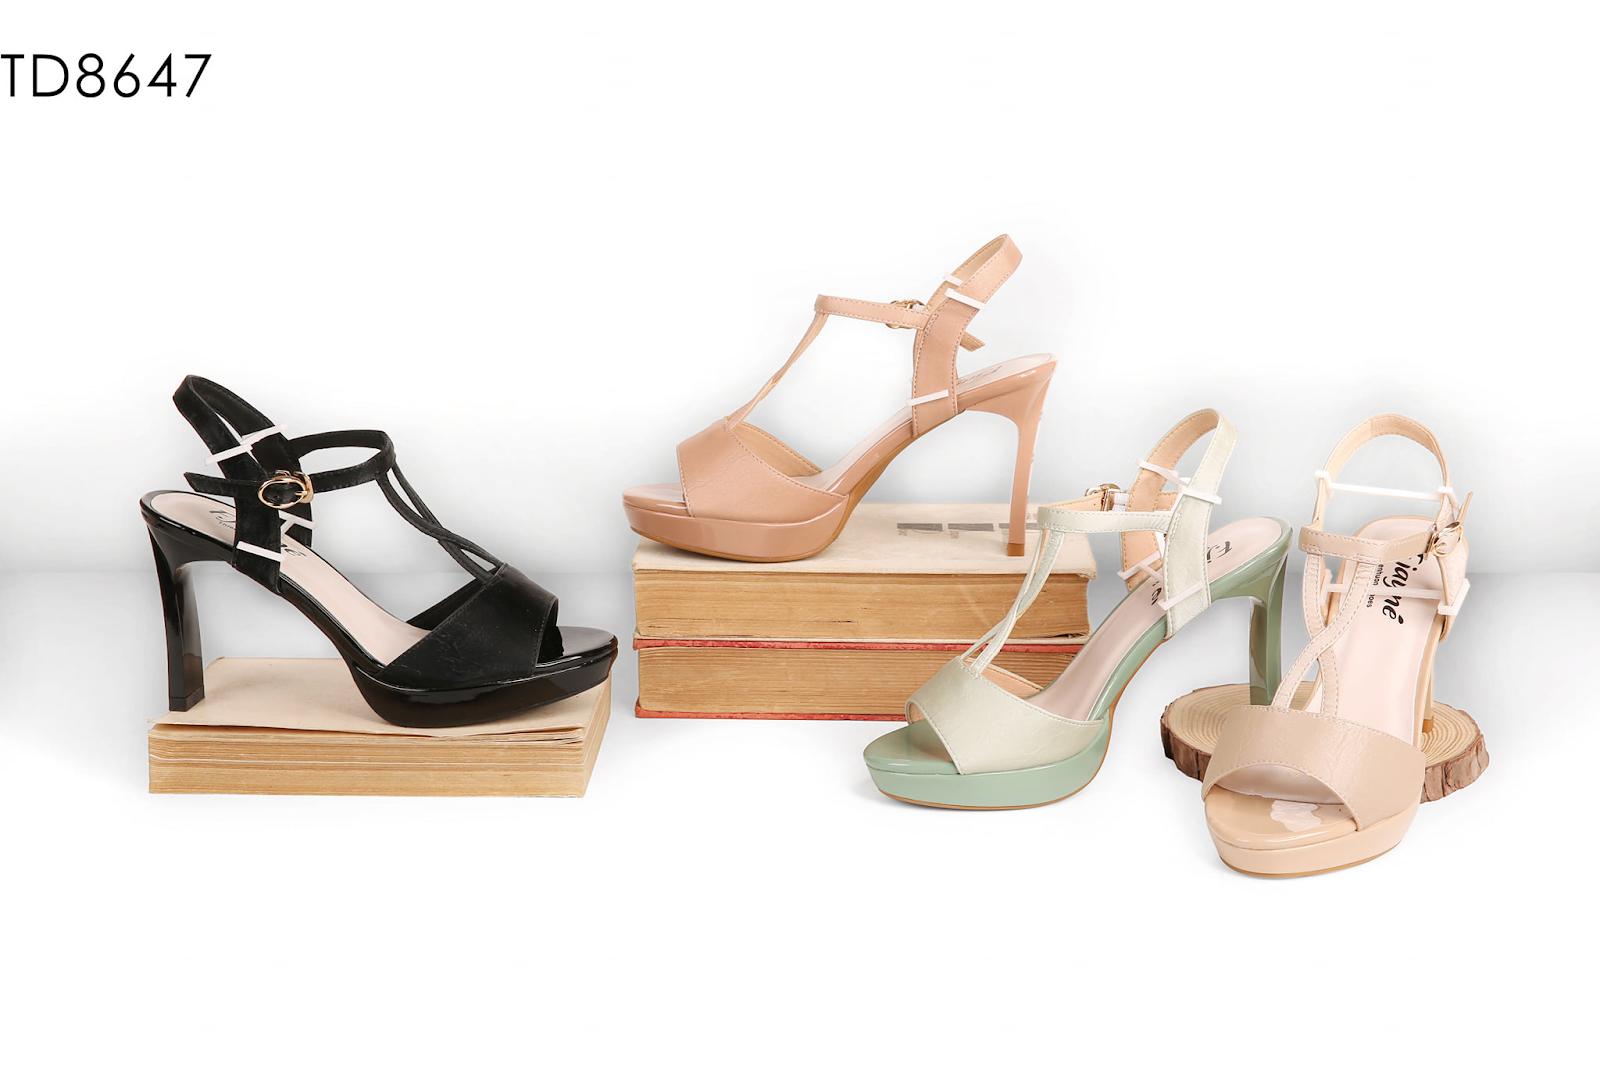 Thienhuongshoes – Xưởng sản xuất giày dép uy tín số 1 hiện nay